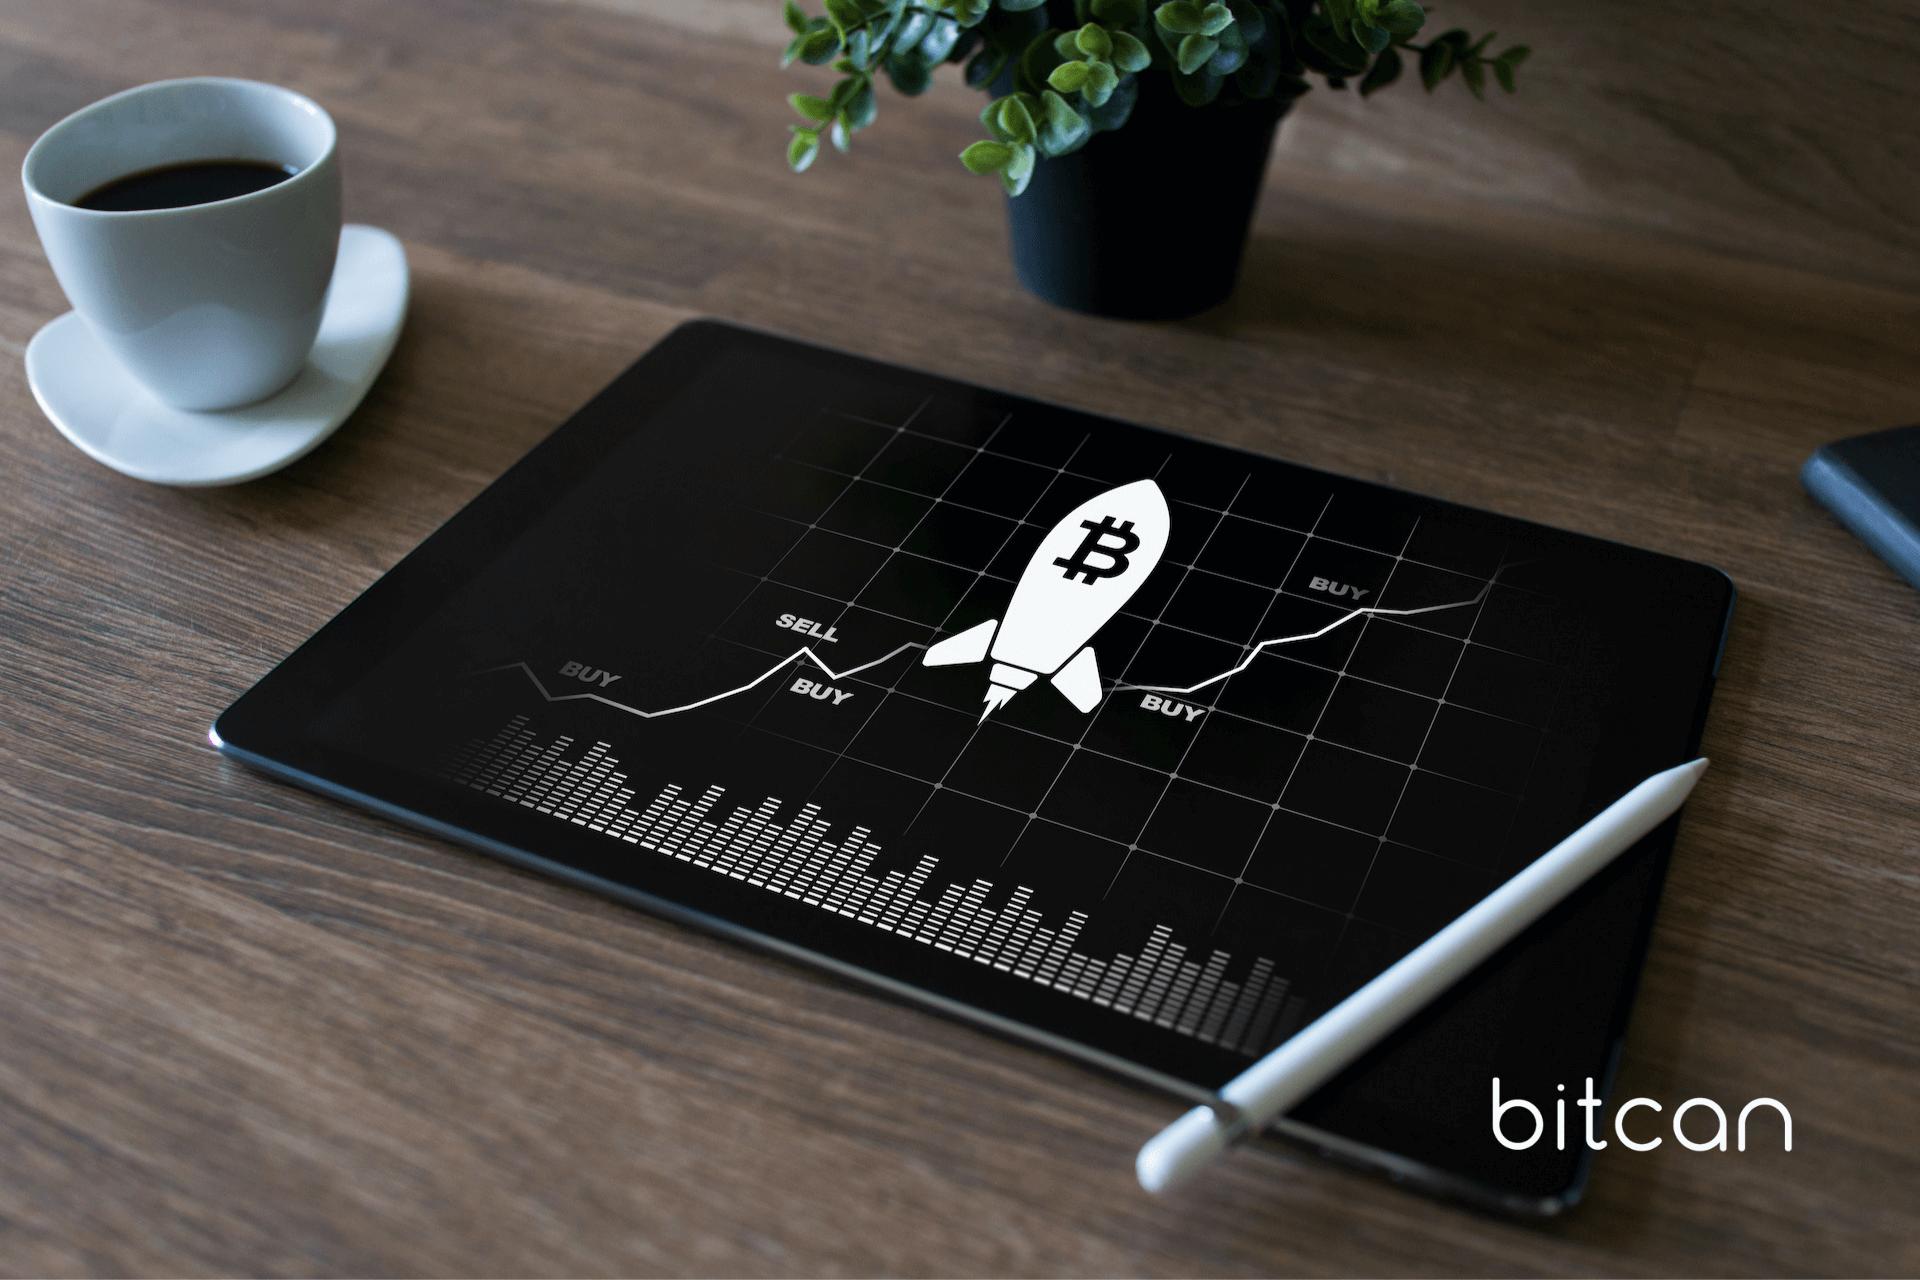 Bitcoin a inne instrumenty inwestycyjne. Dlaczego strach przed bitcoinem jest nieuzasadniony?